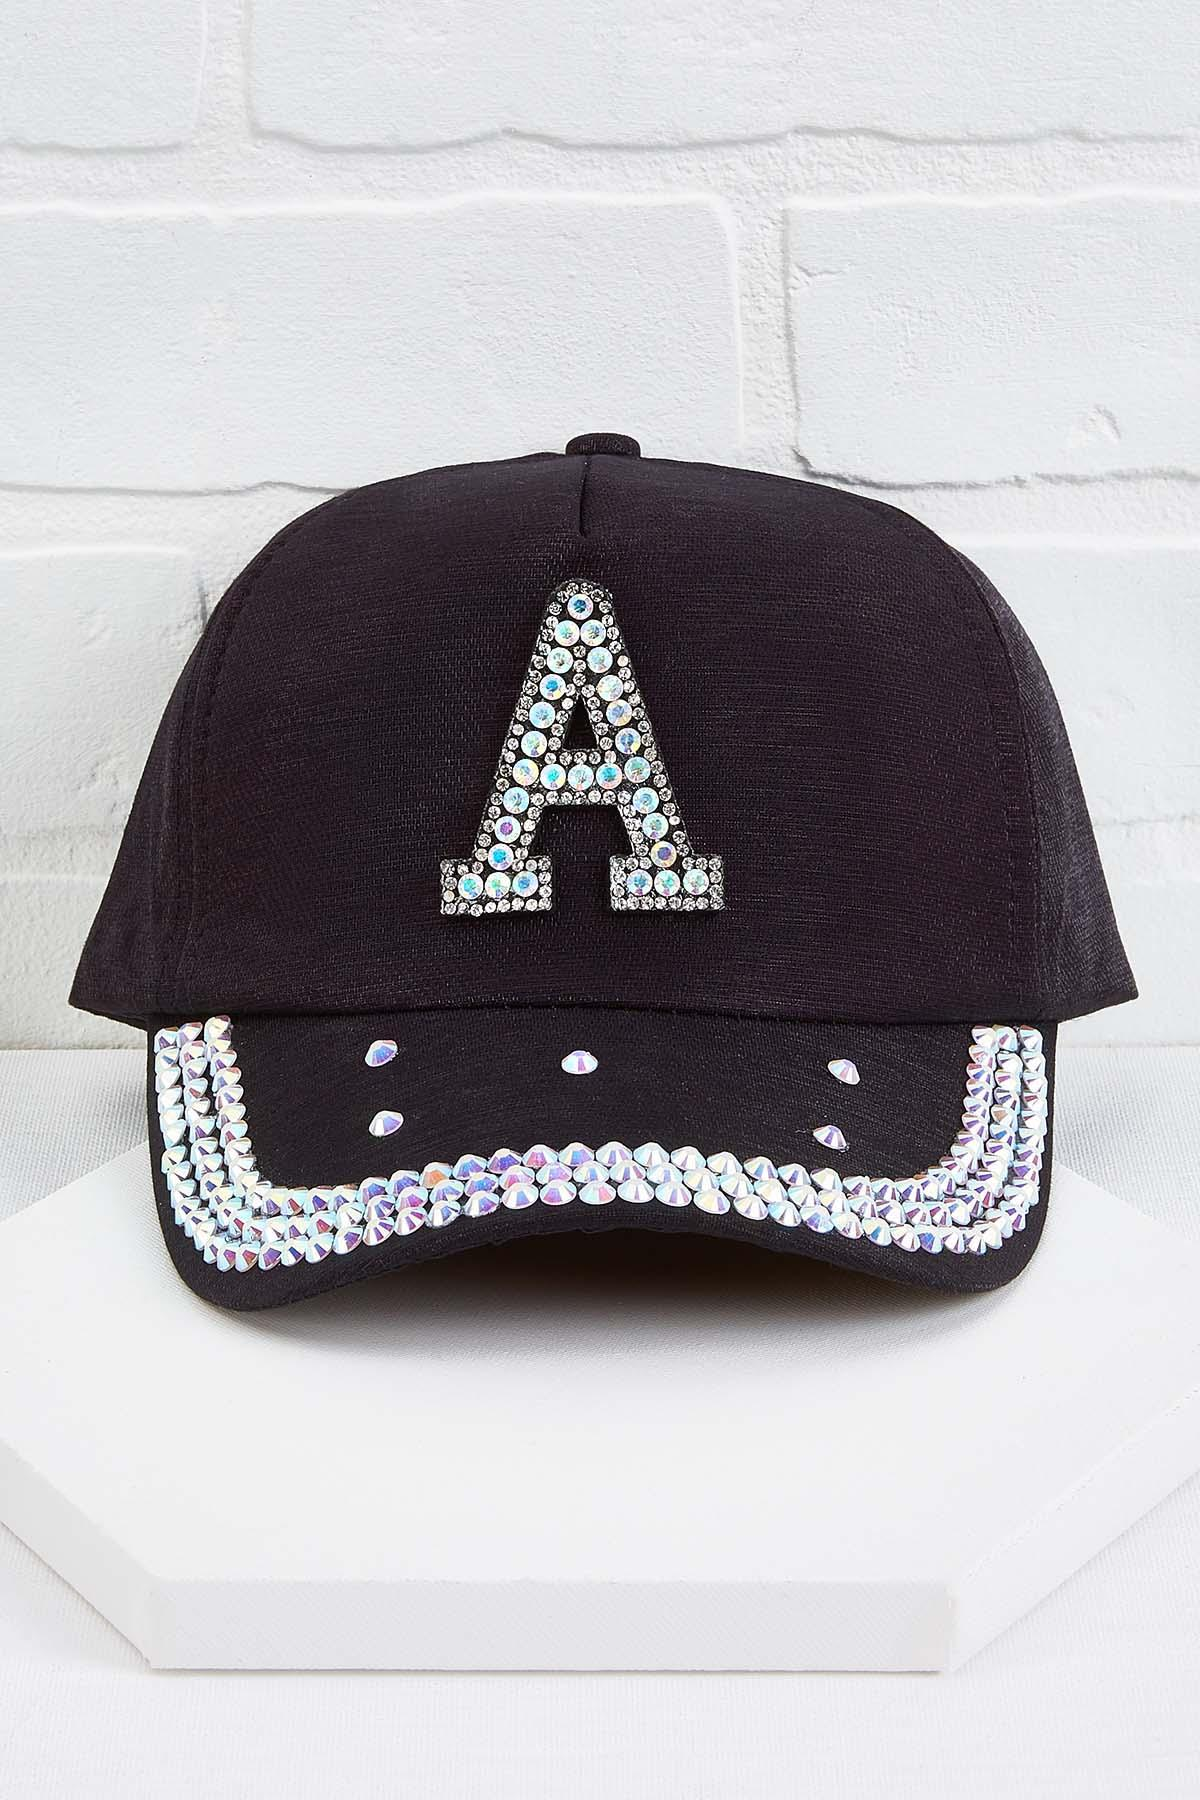 A Initial Bling Baseball Cap